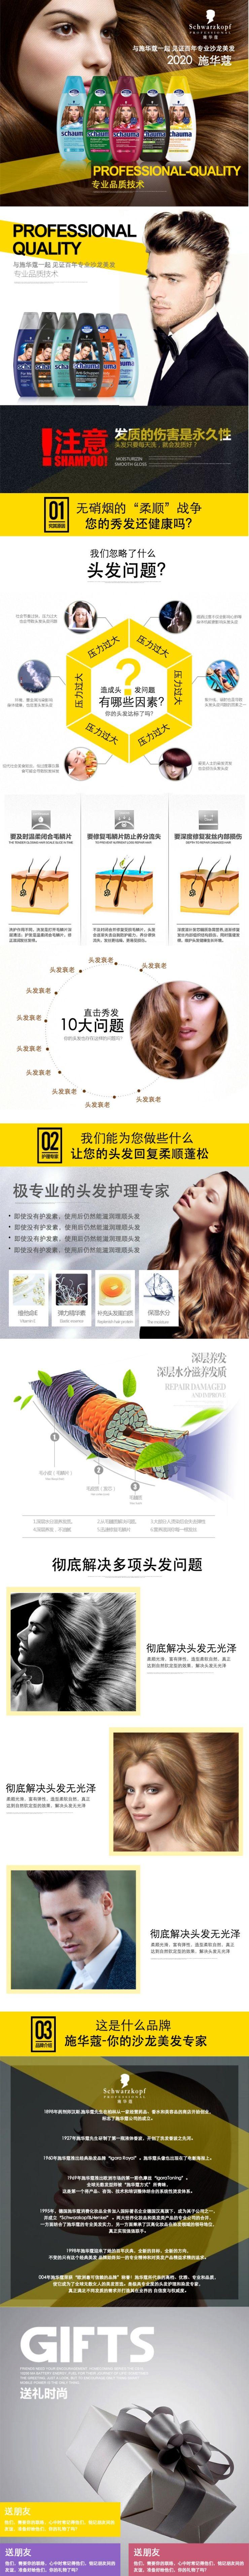 时尚炫酷专业沙龙美发洗发水电商详情图